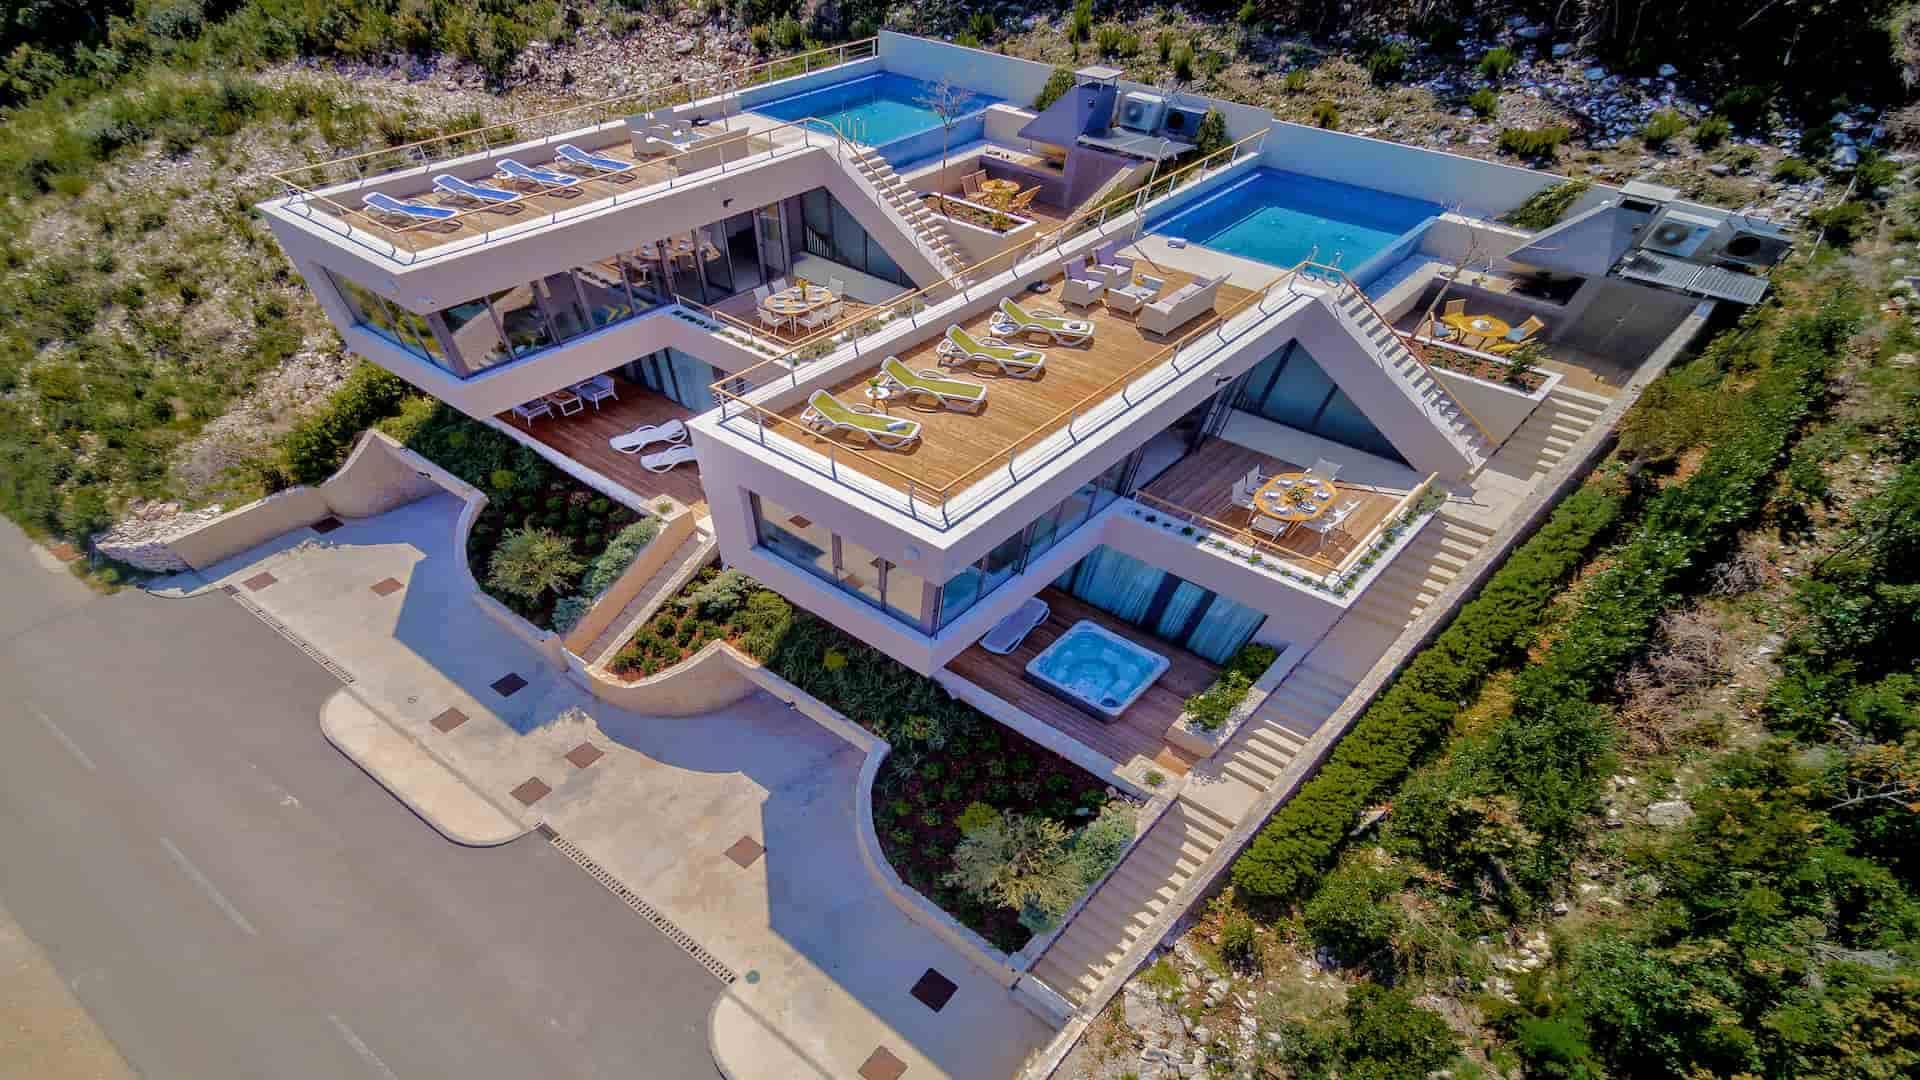 Luksuzna vila s infinity bazenom i pogledom